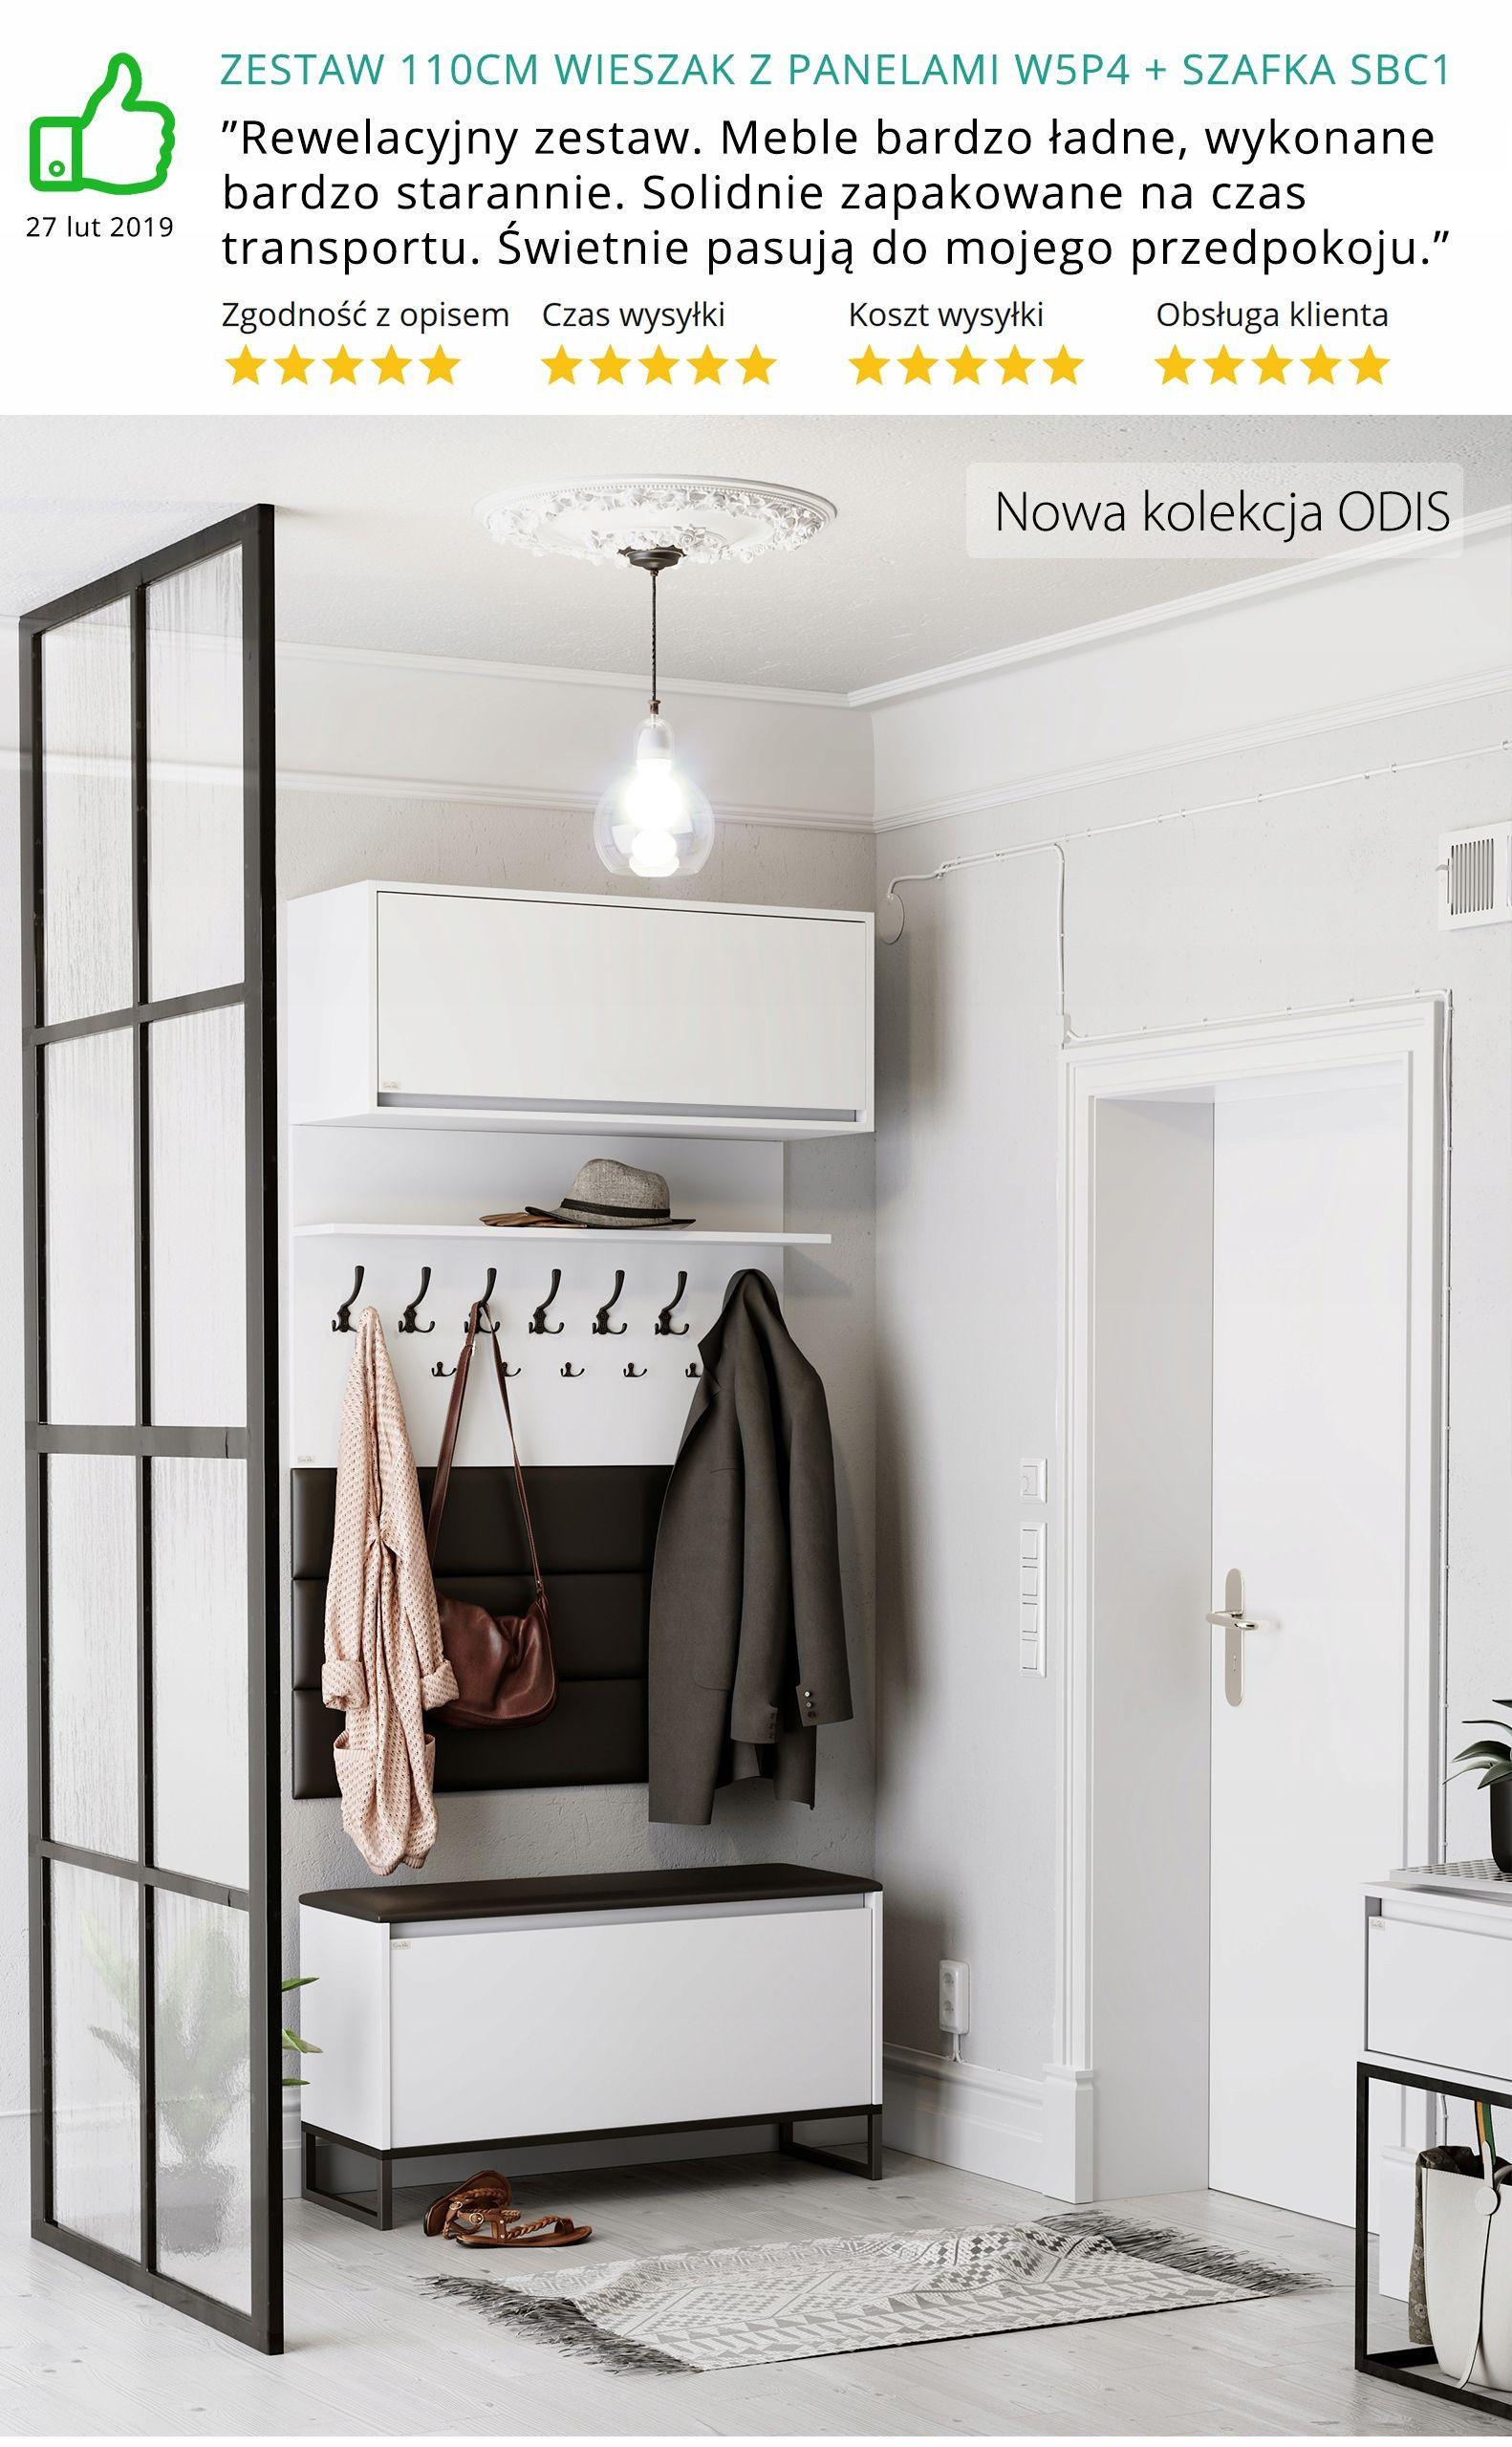 70cm Duzy Wieszak Na Ubrania Z Panelami W5p270 Home Decor Wall Shelves Decor